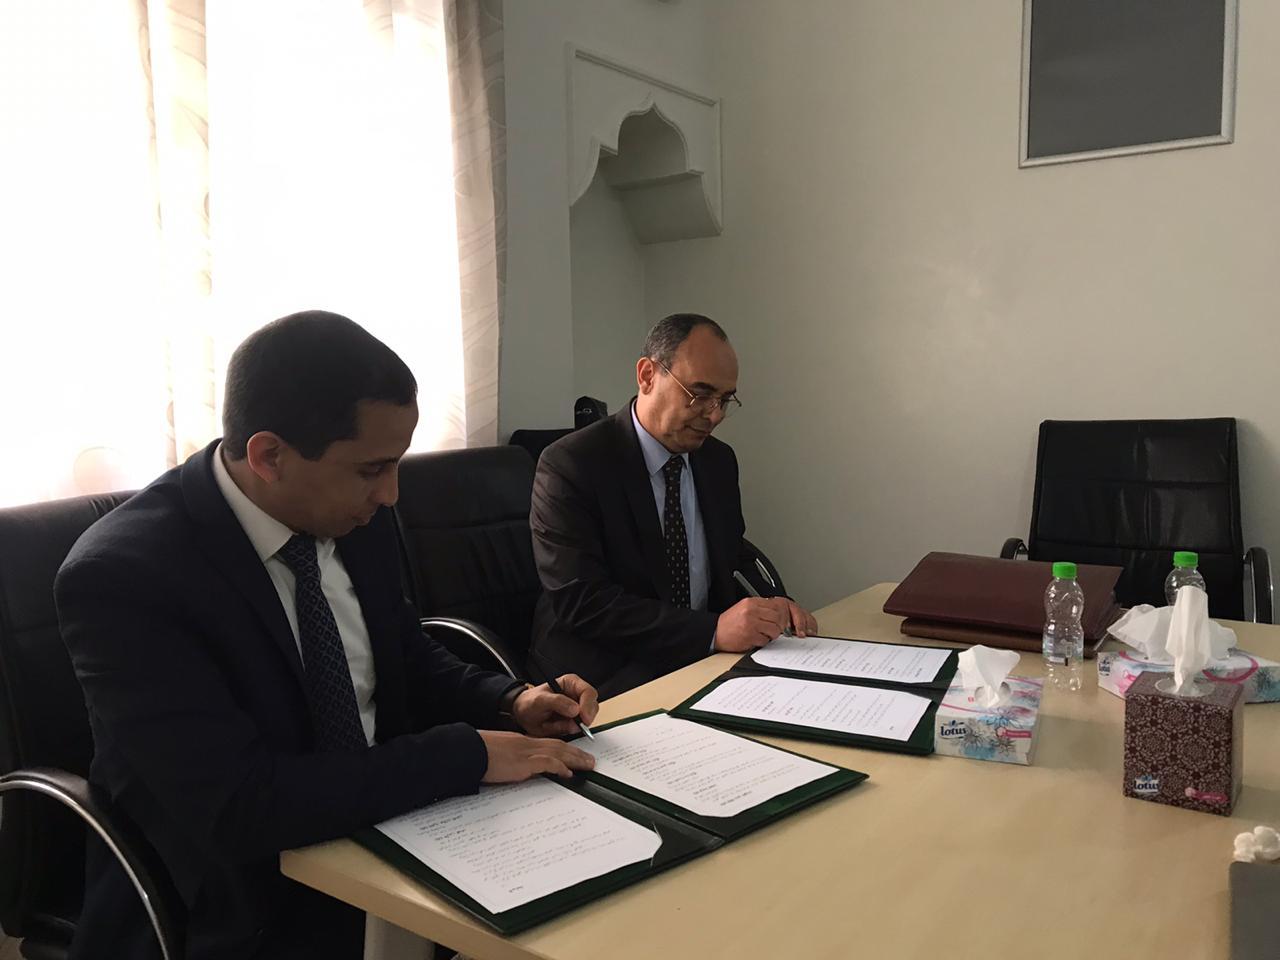 توقيع مذكرة تفاهم مع مركز الدراسات القانونية والقضائية بتونس